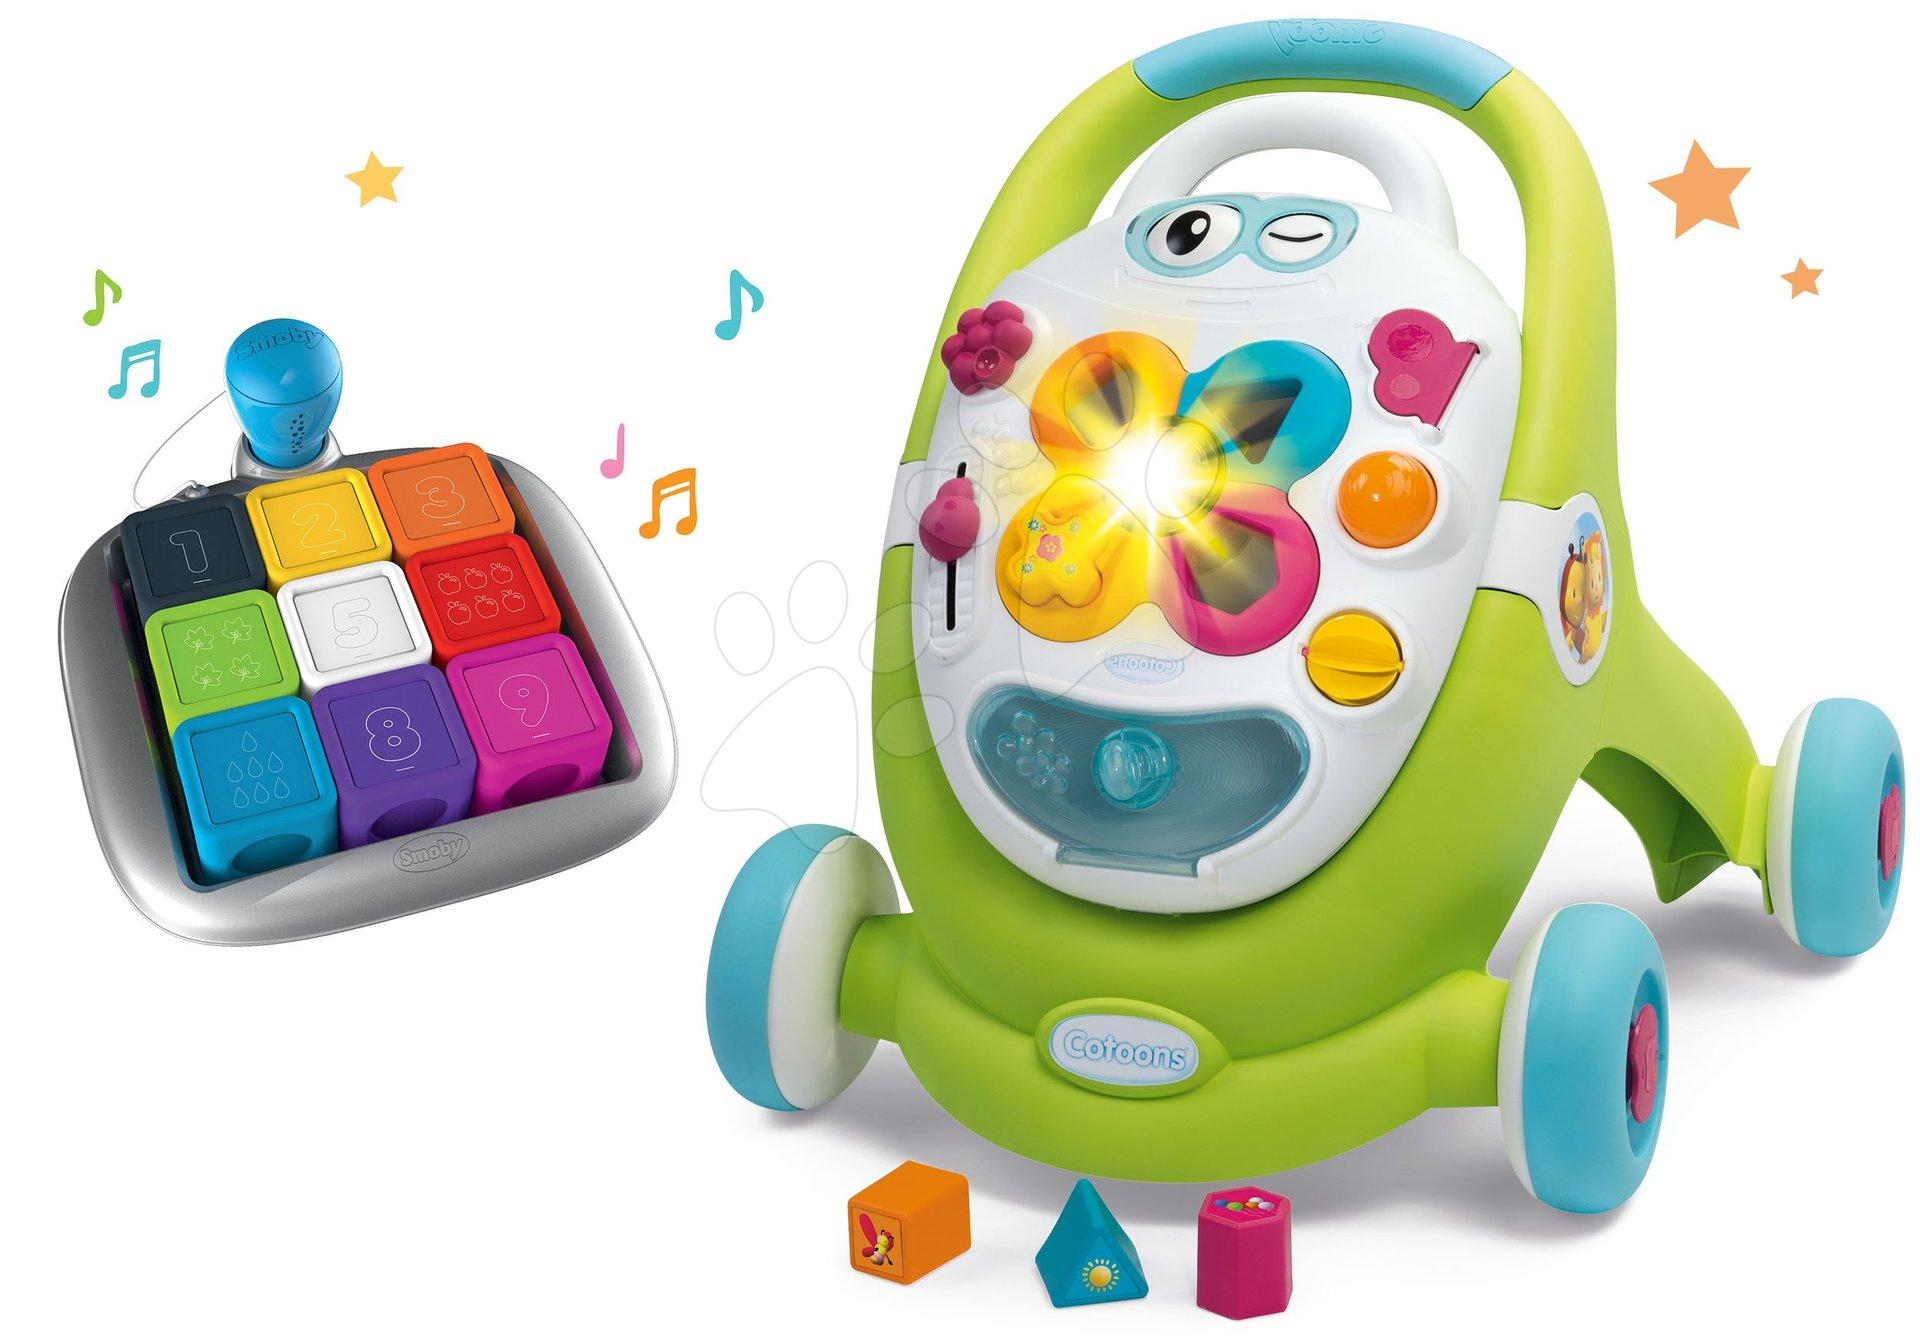 Set chodítko s didaktickým kufříkem Trott Cotoons 2v1 Smoby se zvukem a světlem a interaktivní hra Clever Cubes Smart s 3 hrami barvy a čísla